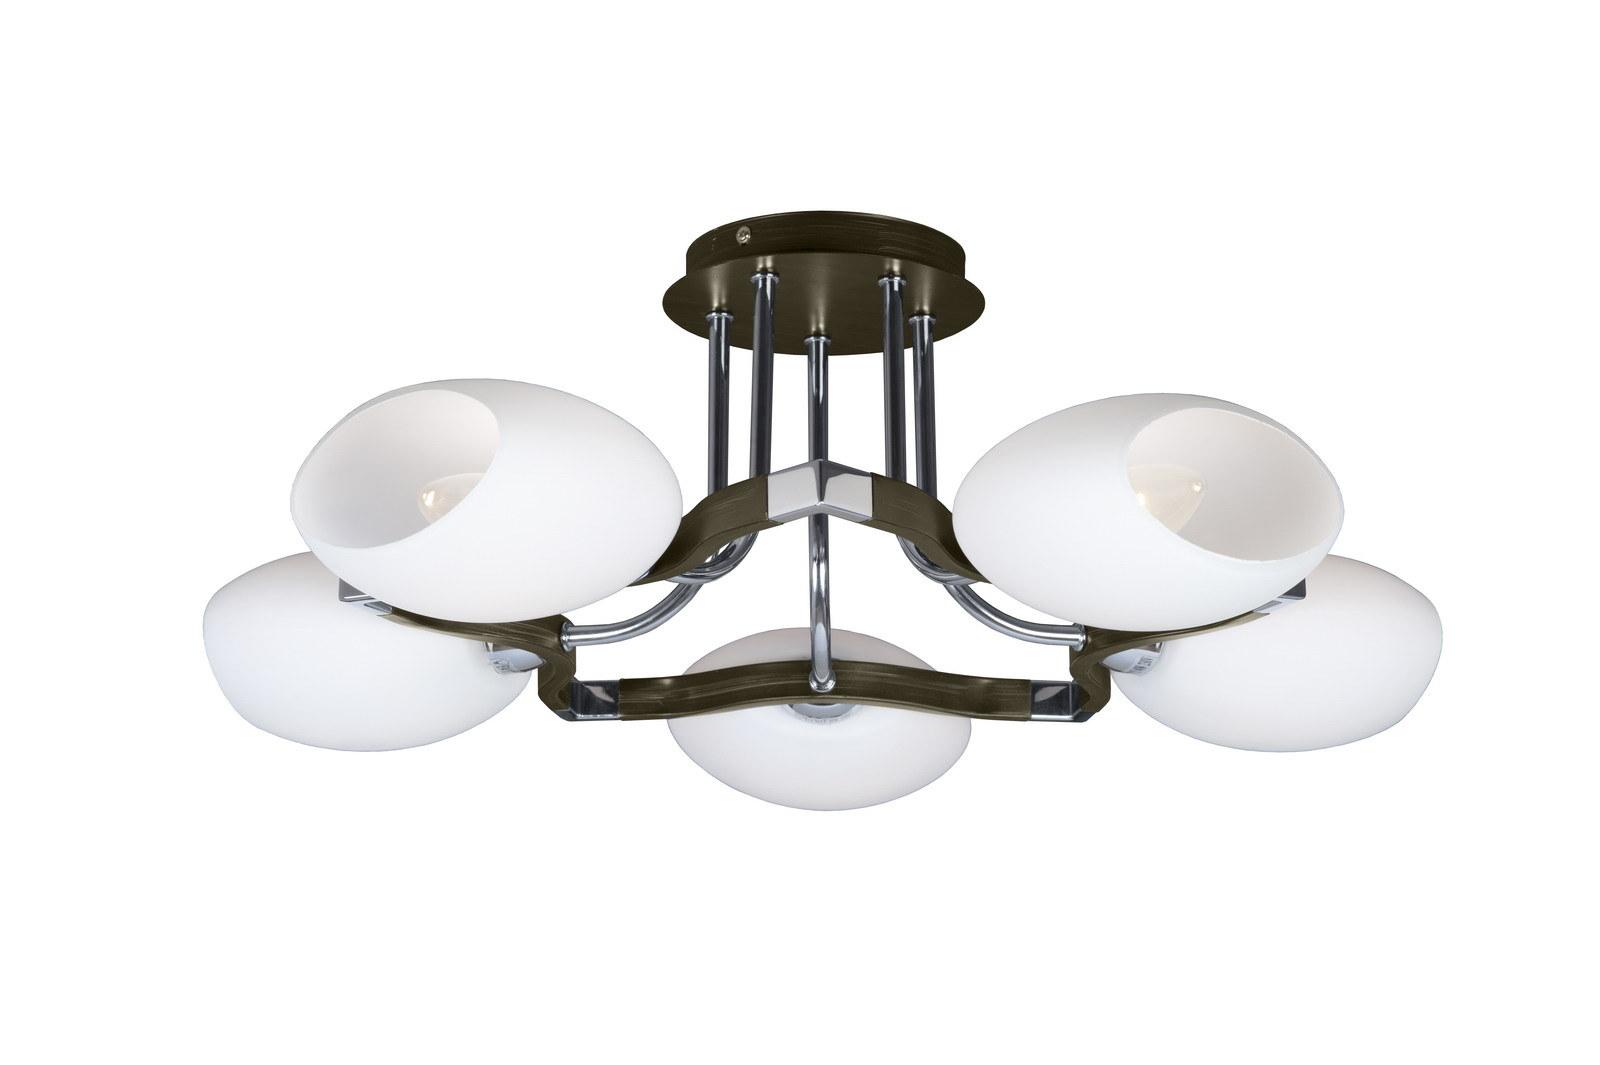 Люстра МАКСИСВЕТЛюстры<br>Назначение светильника: для гостиной,<br>Стиль светильника: модерн,<br>Тип: потолочная,<br>Материал светильника: металл, дерево, стекло,<br>Материал плафона: стекло,<br>Материал арматуры: металл,<br>Длина (мм): 540,<br>Ширина: 540,<br>Высота: 215,<br>Количество ламп: 5,<br>Тип лампы: накаливания,<br>Мощность: 40,<br>Патрон: Е14,<br>Пульт ДУ: нет,<br>Цвет арматуры: хром<br>